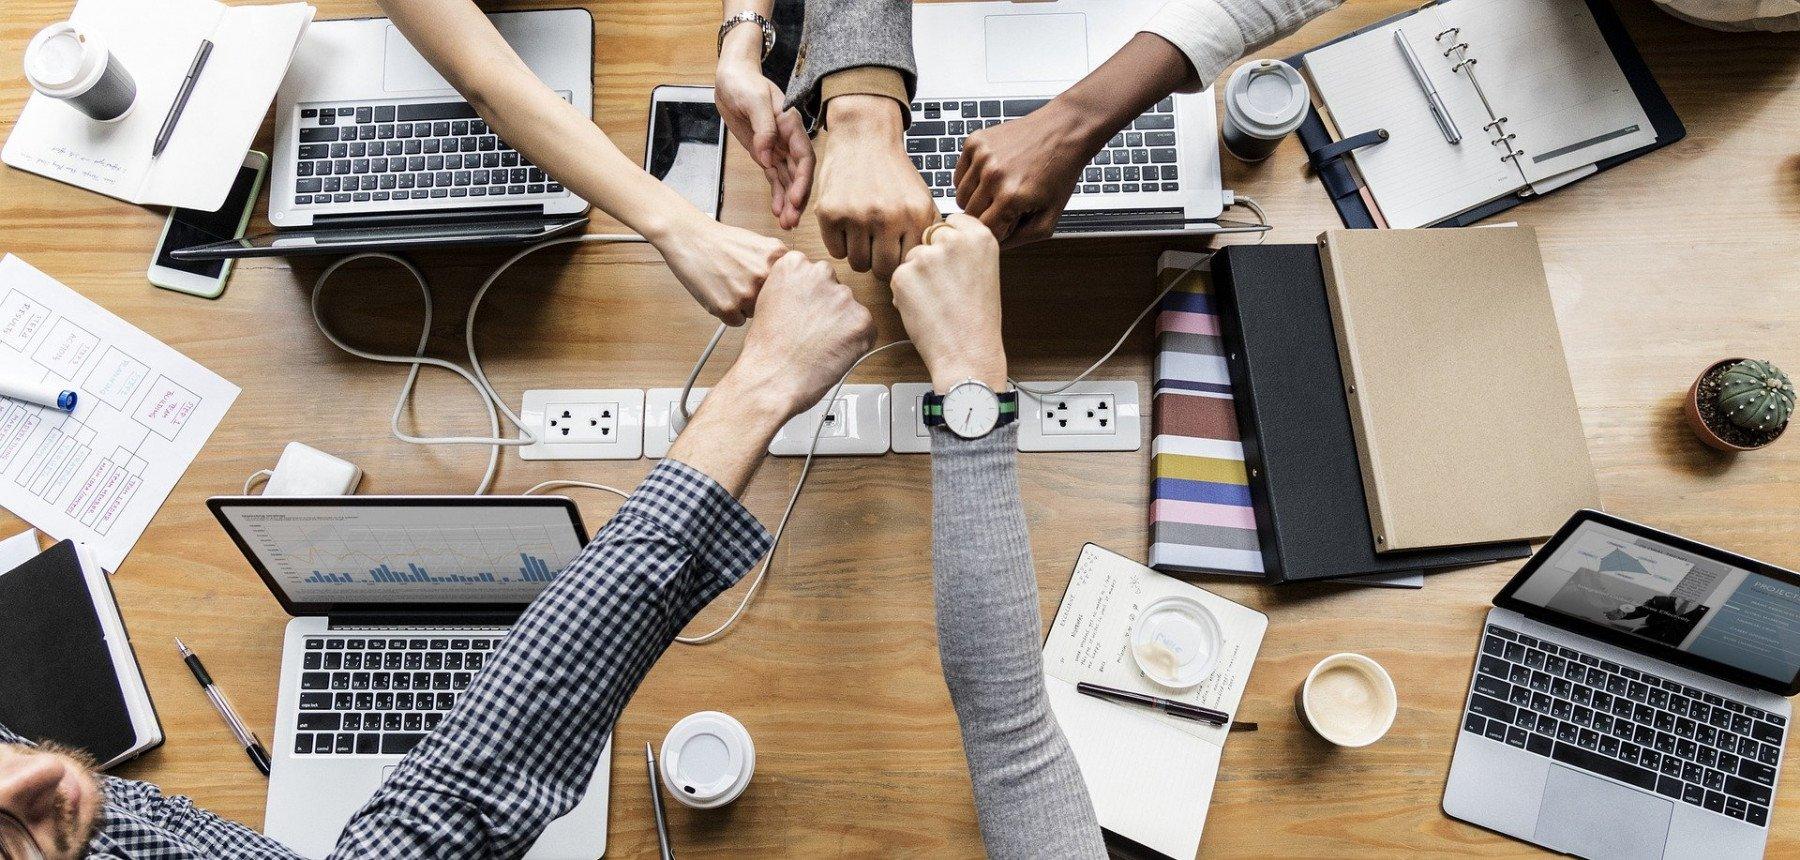 fem personer göra fist bump över ett bord med datorer